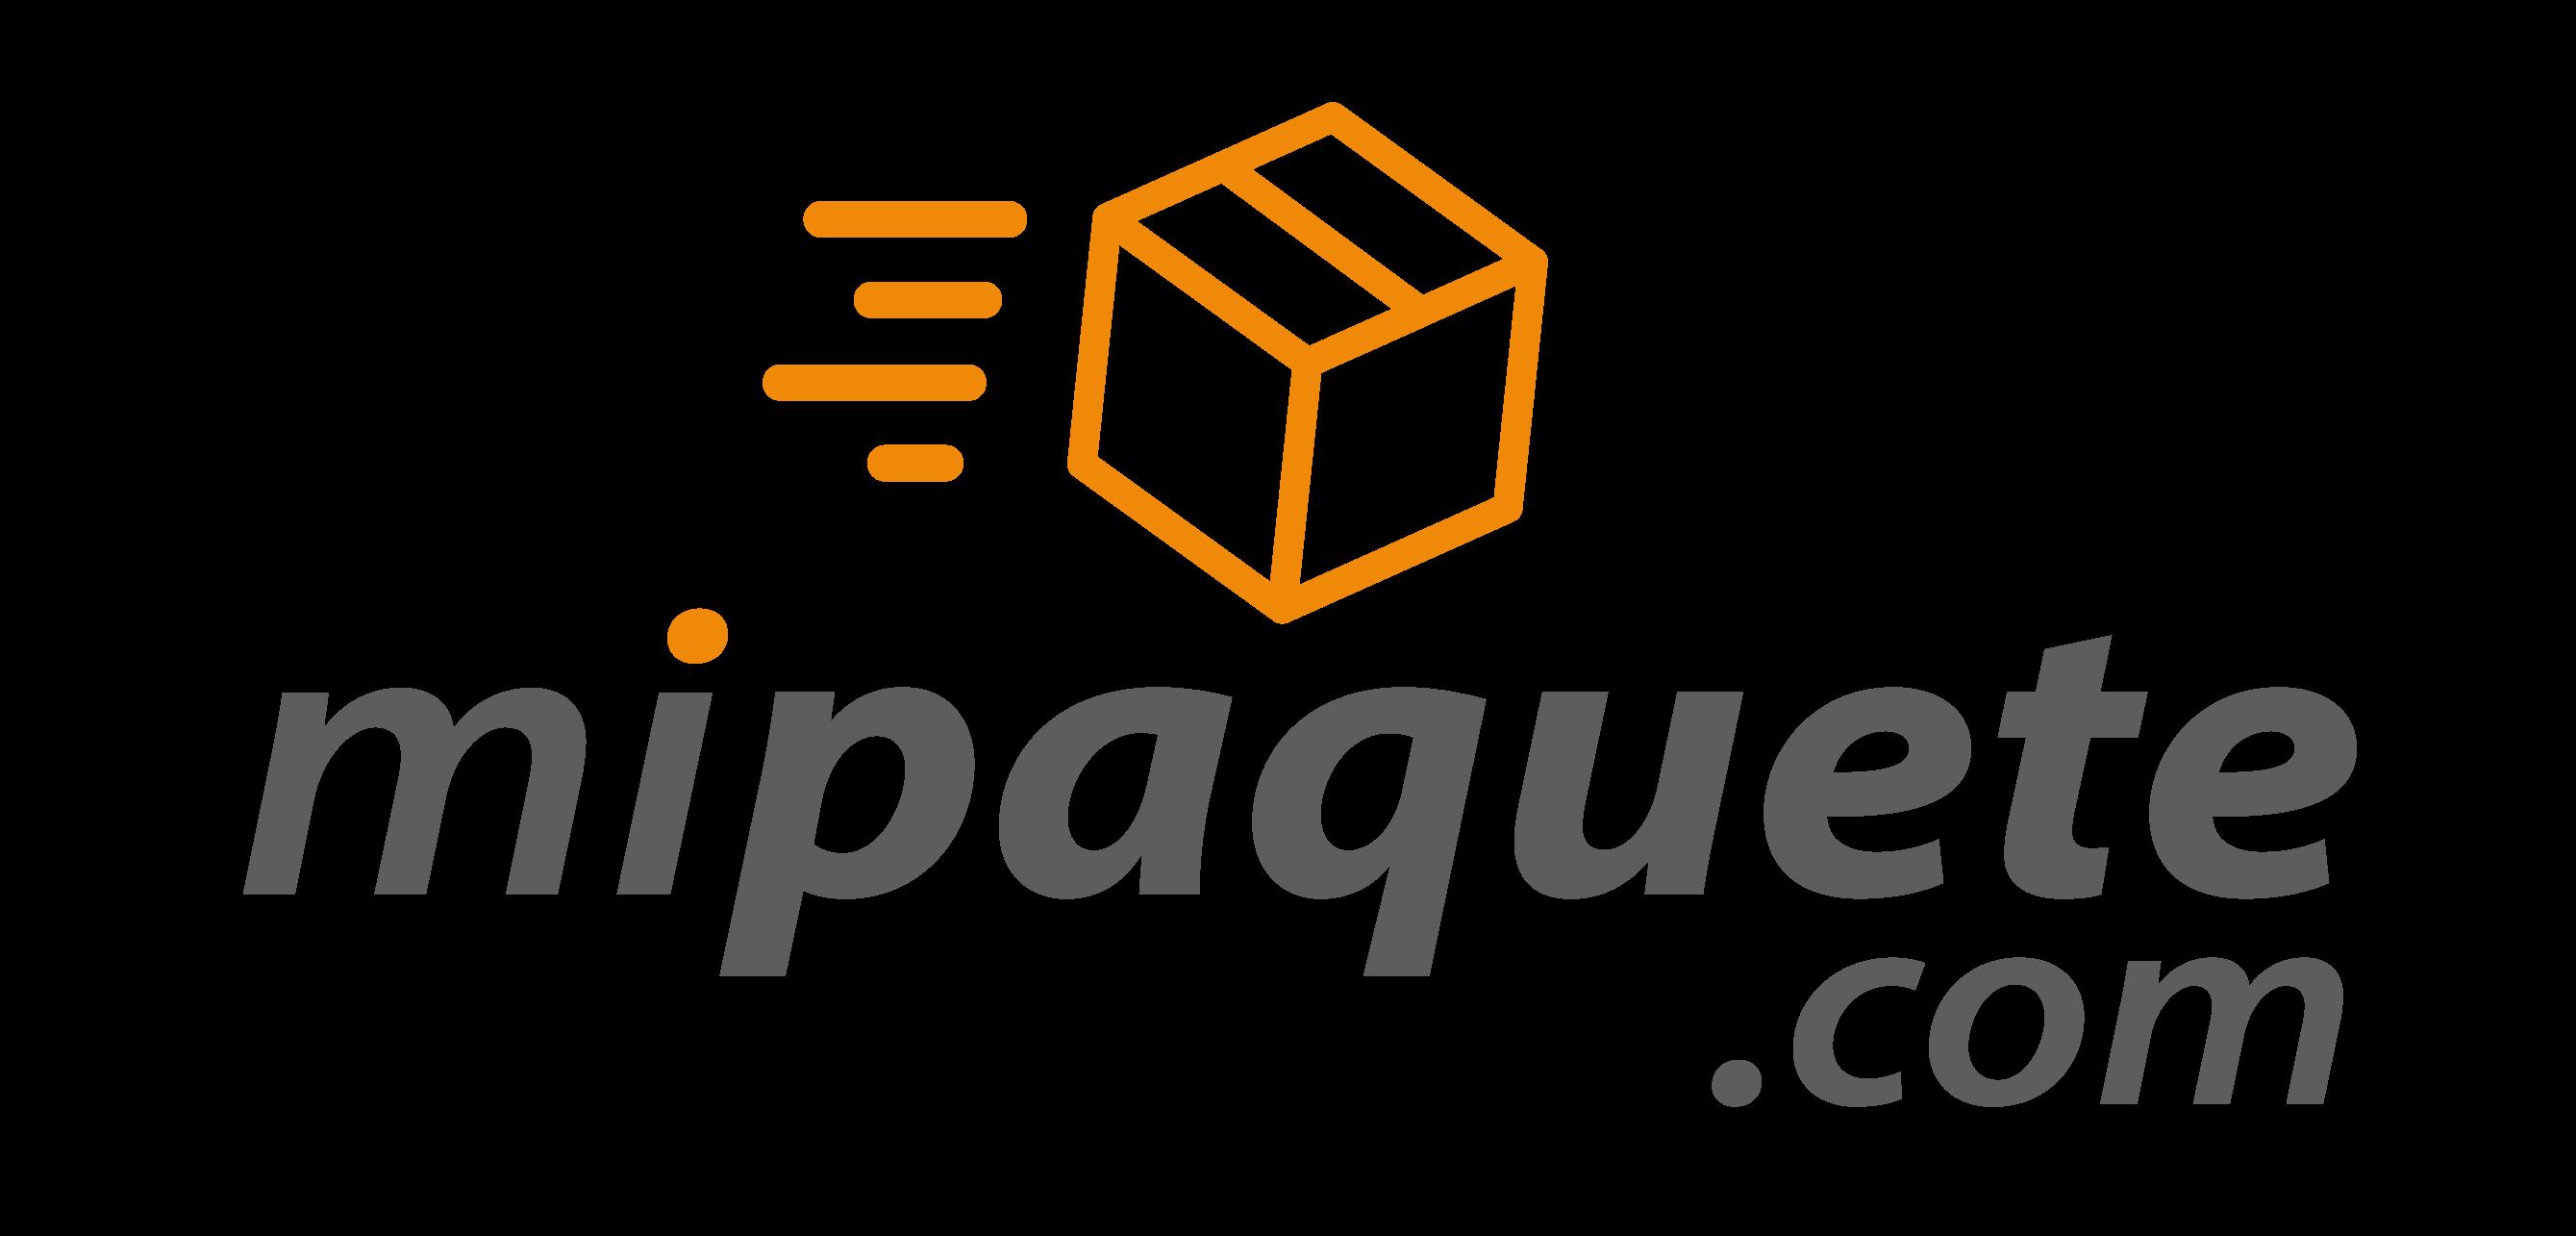 mipaquete.com